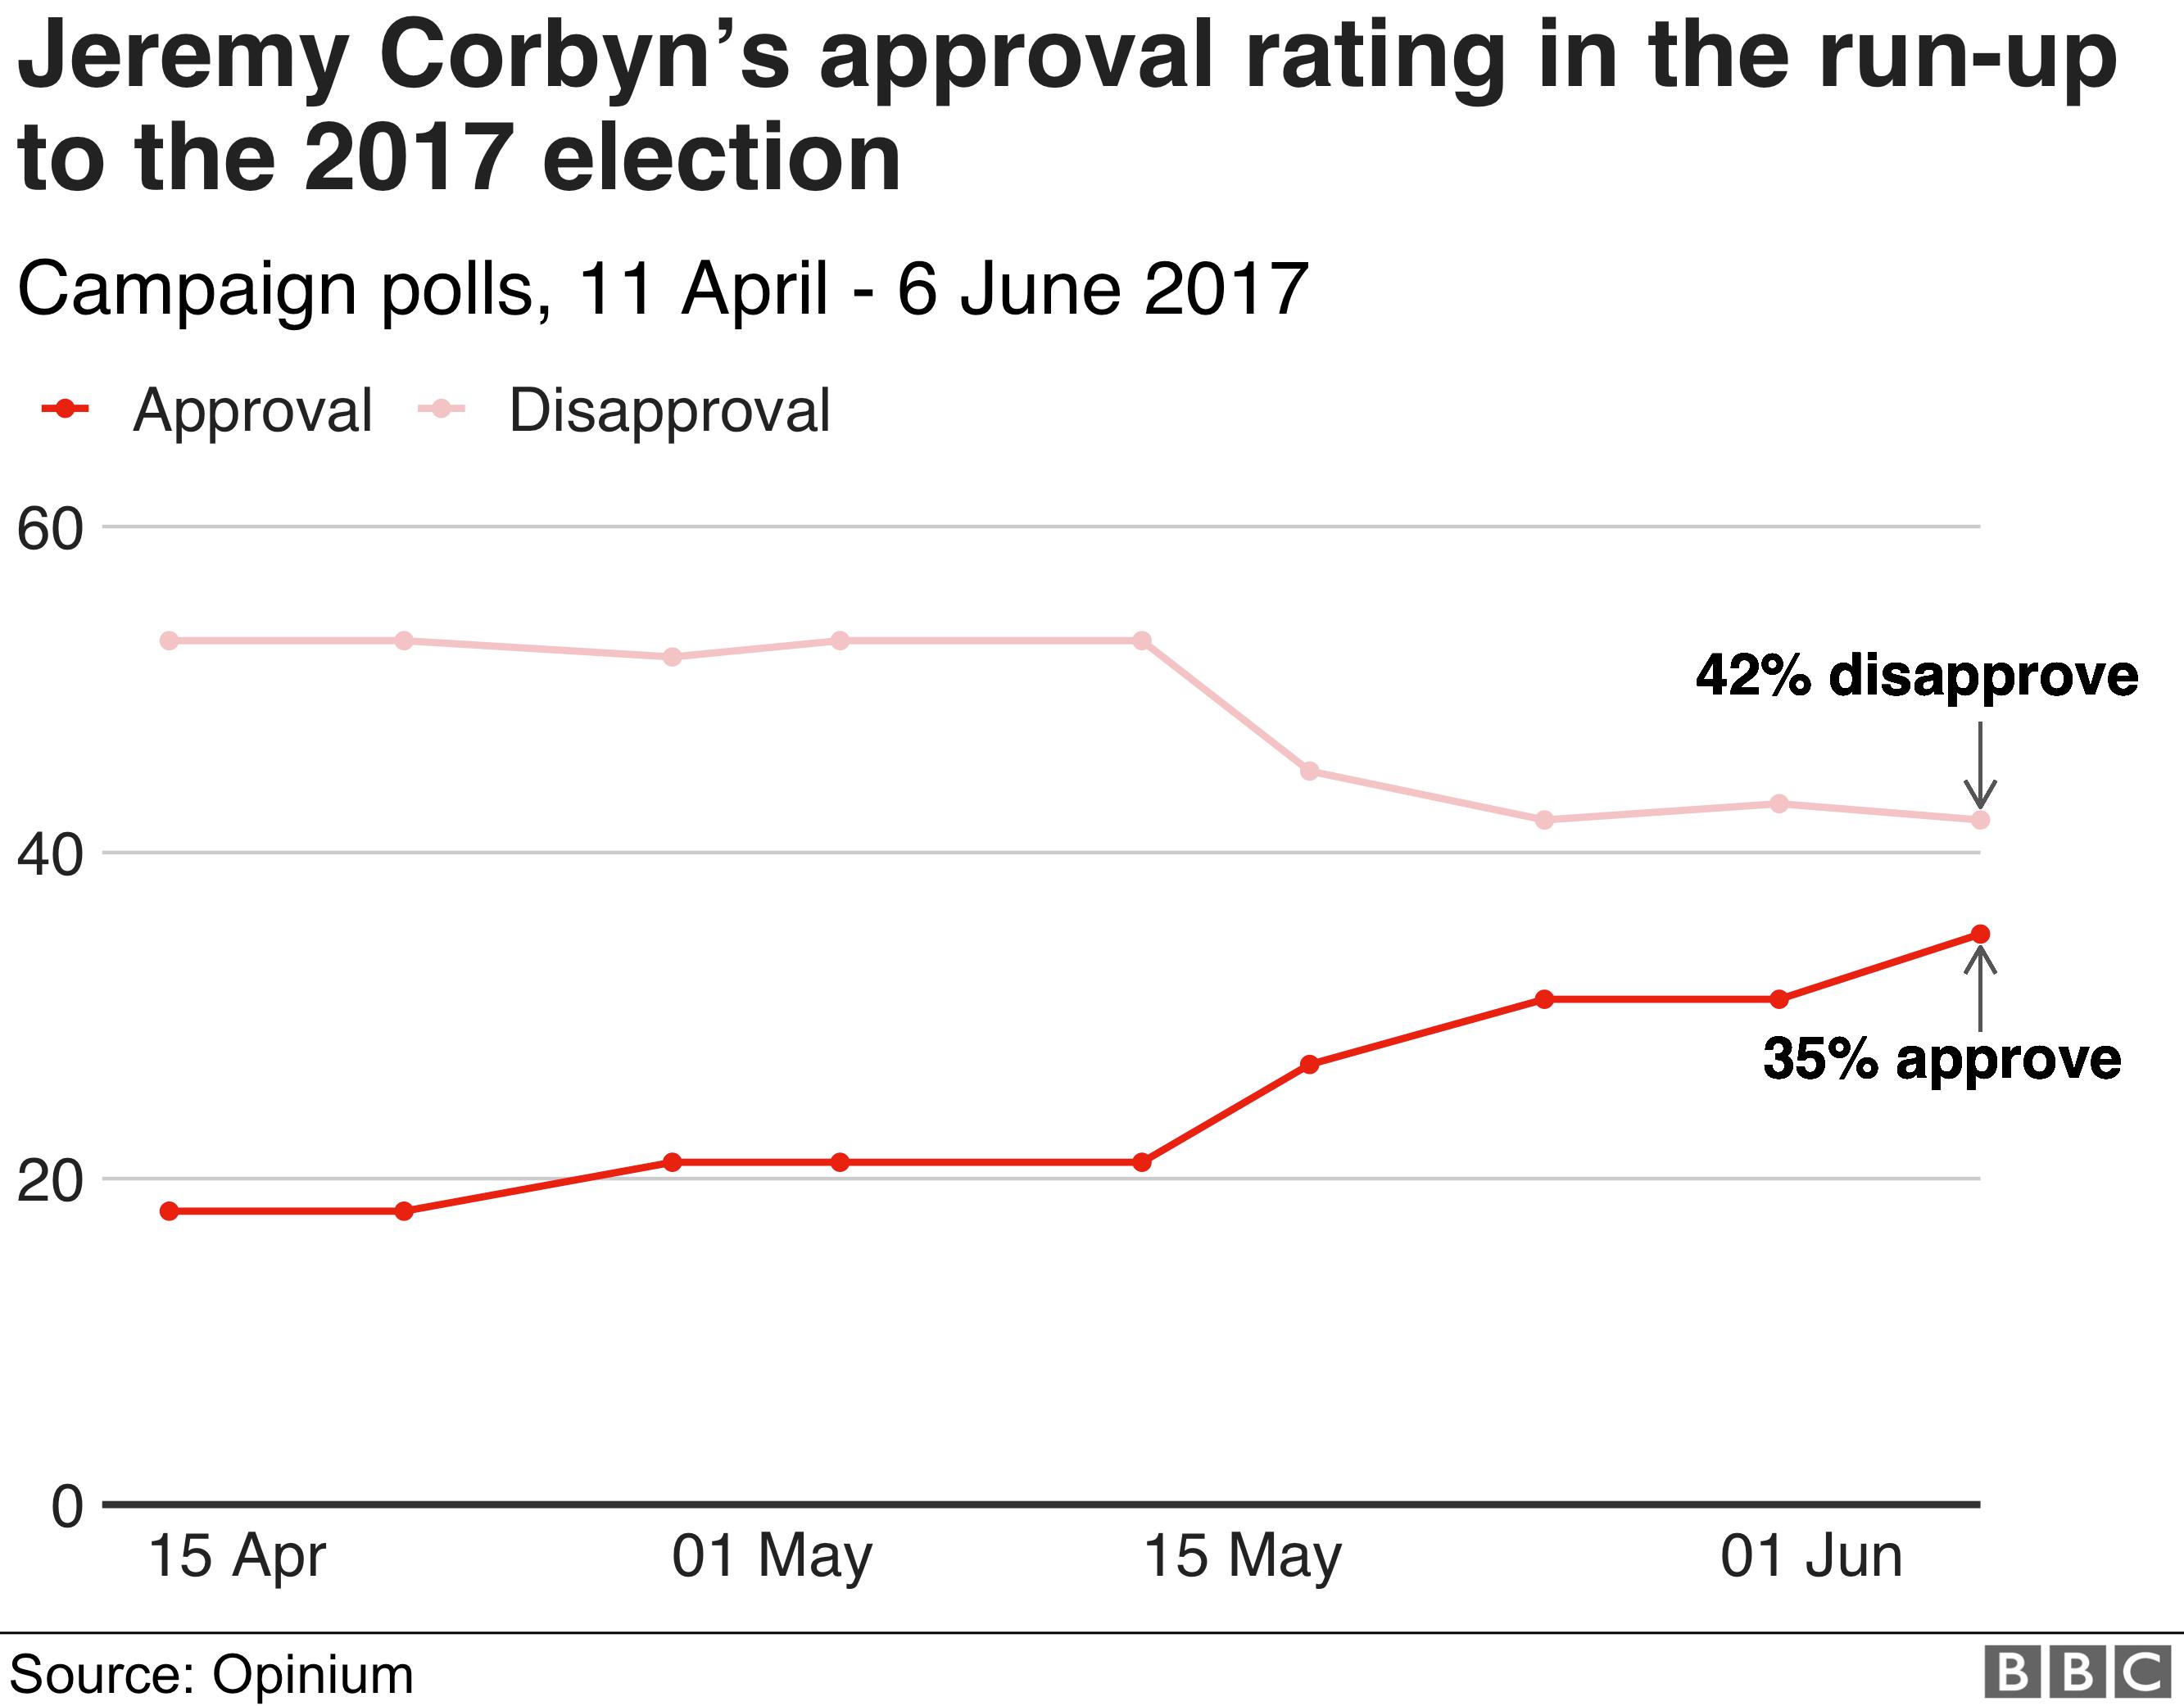 Jeremy Corbyn approval 2017